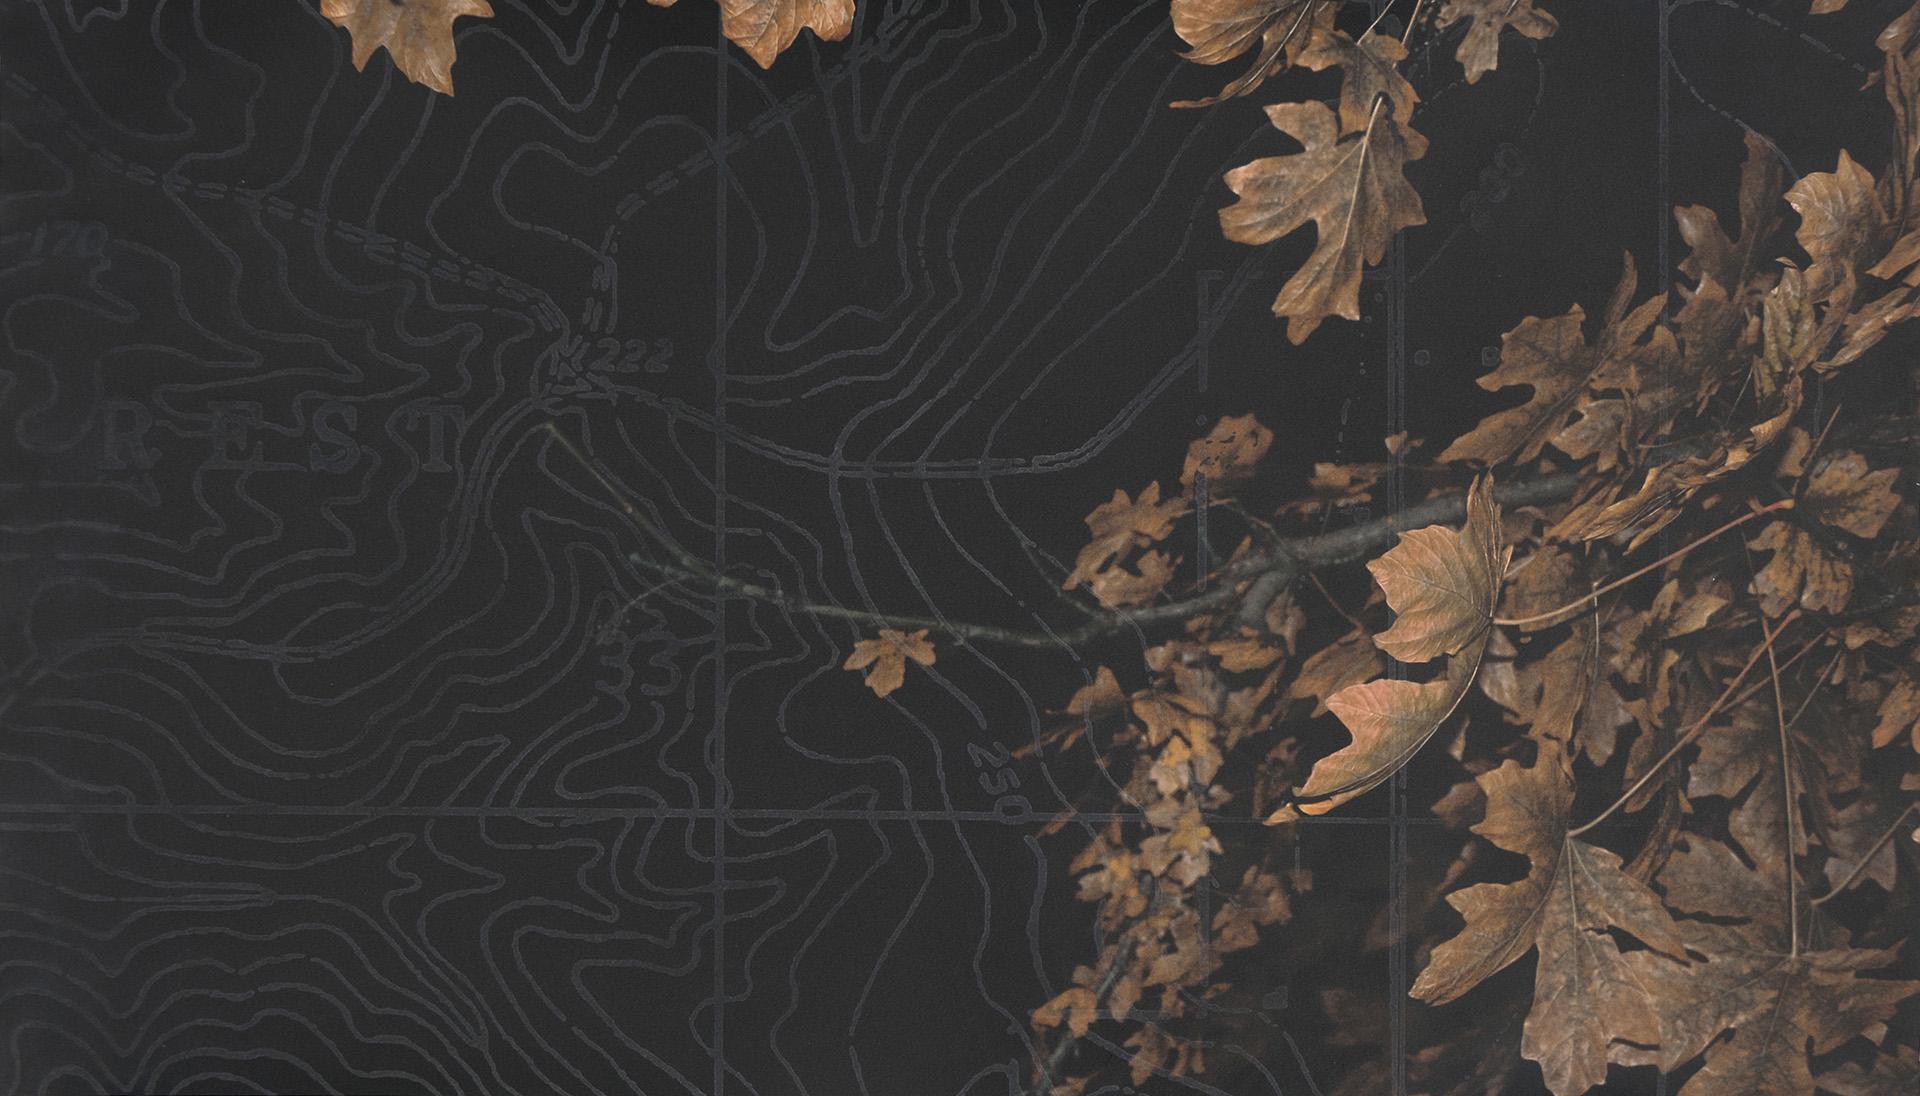 Rest, 2016, archival inkjet, etching, 16.5 x 30 in